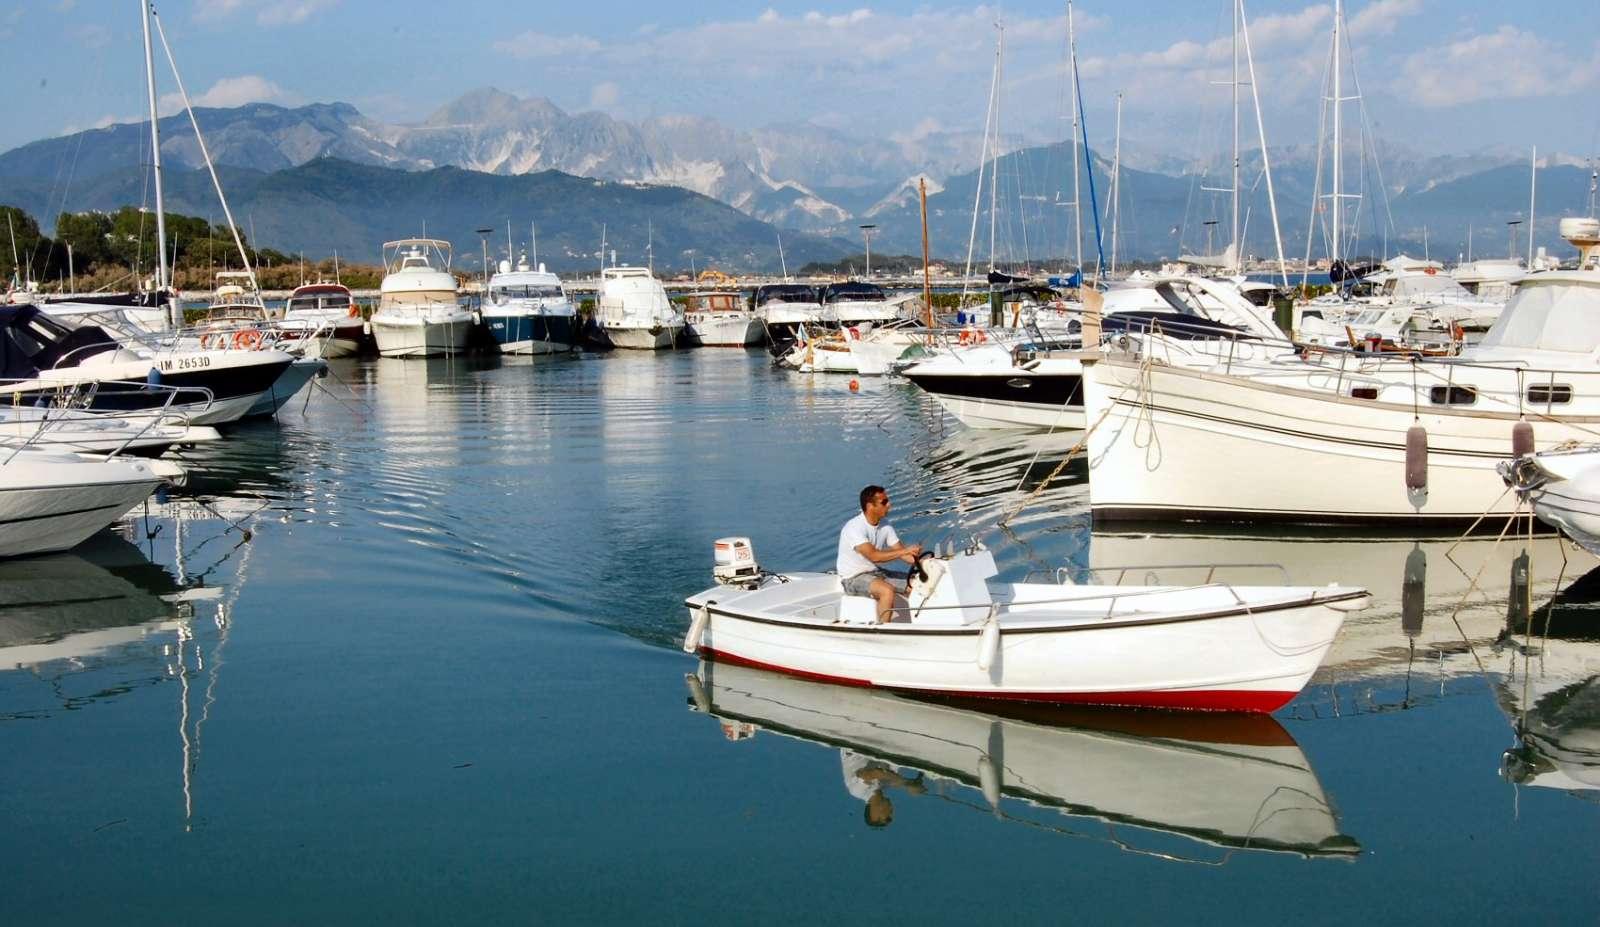 Le port de plaisance de Bocca di Magra